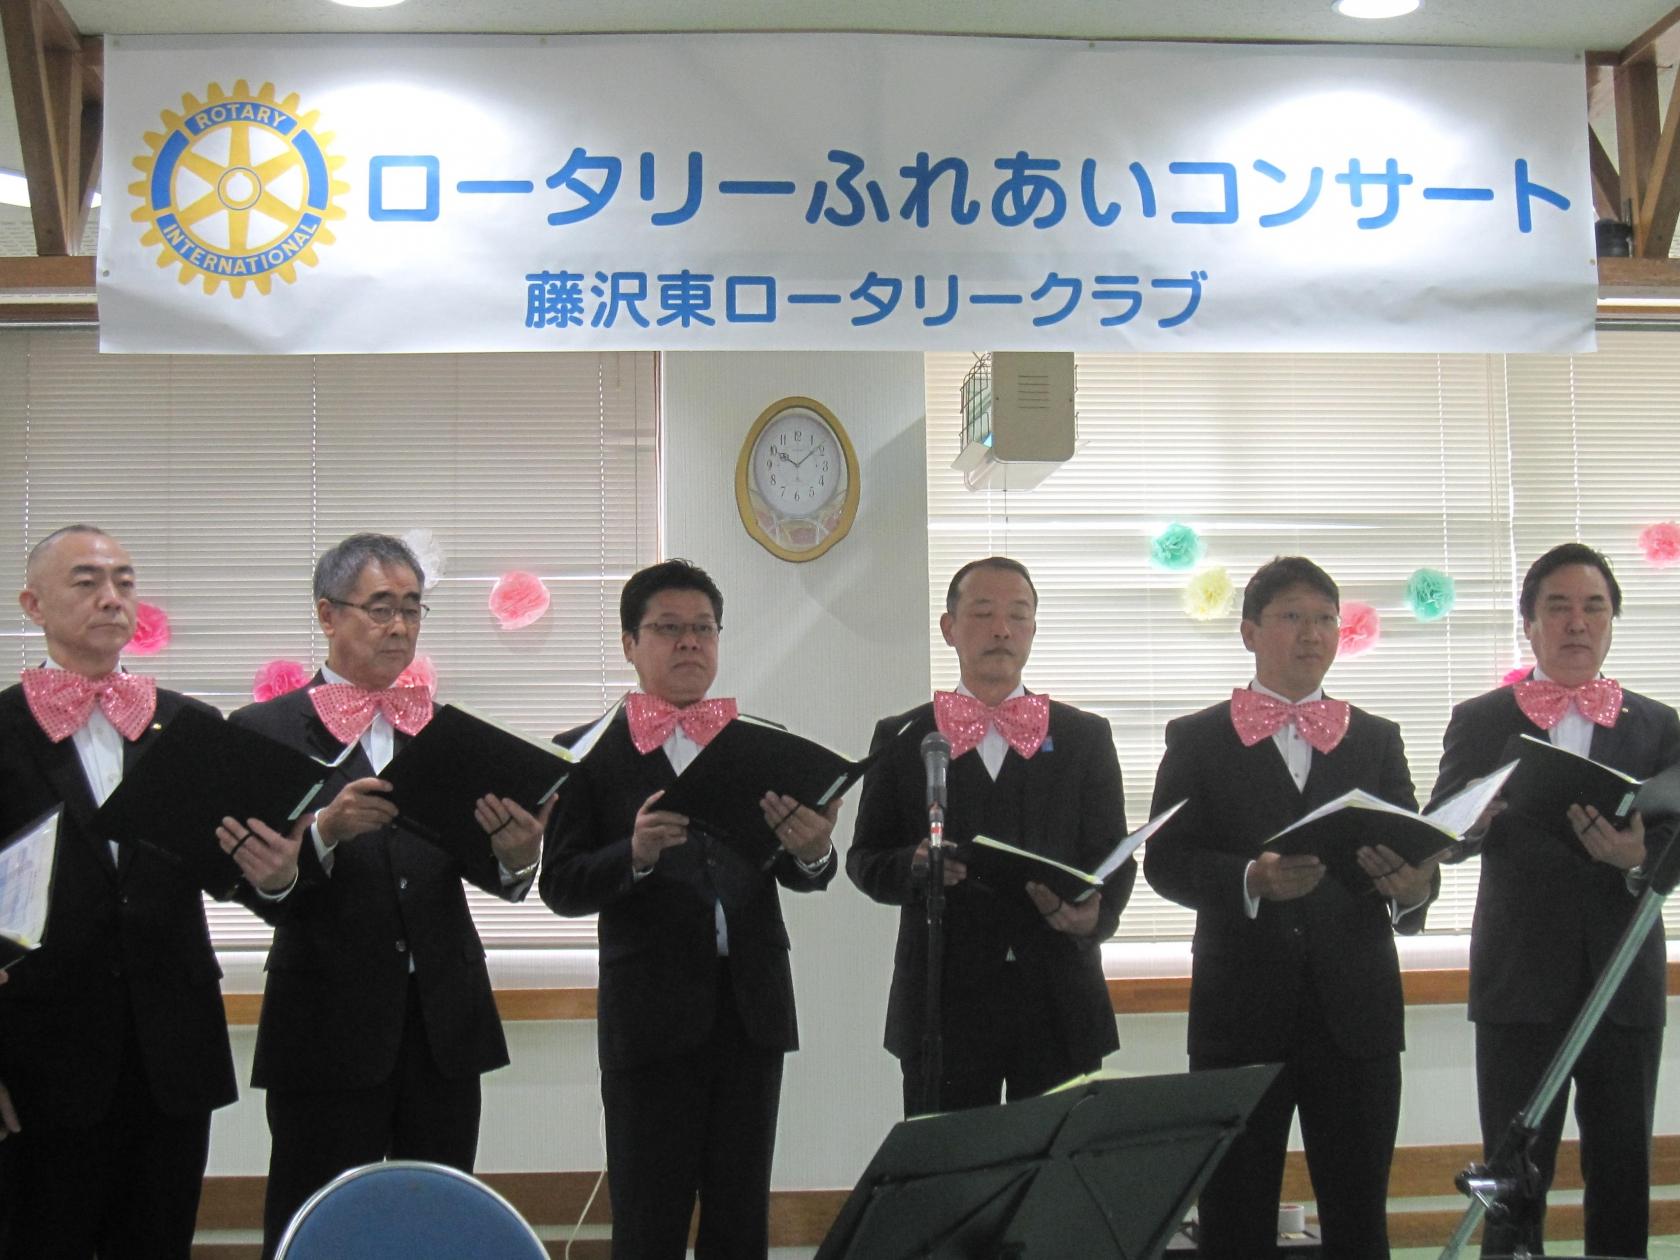 湘南希望の郷から「ロータリーふれあいコンサート」の報告です。